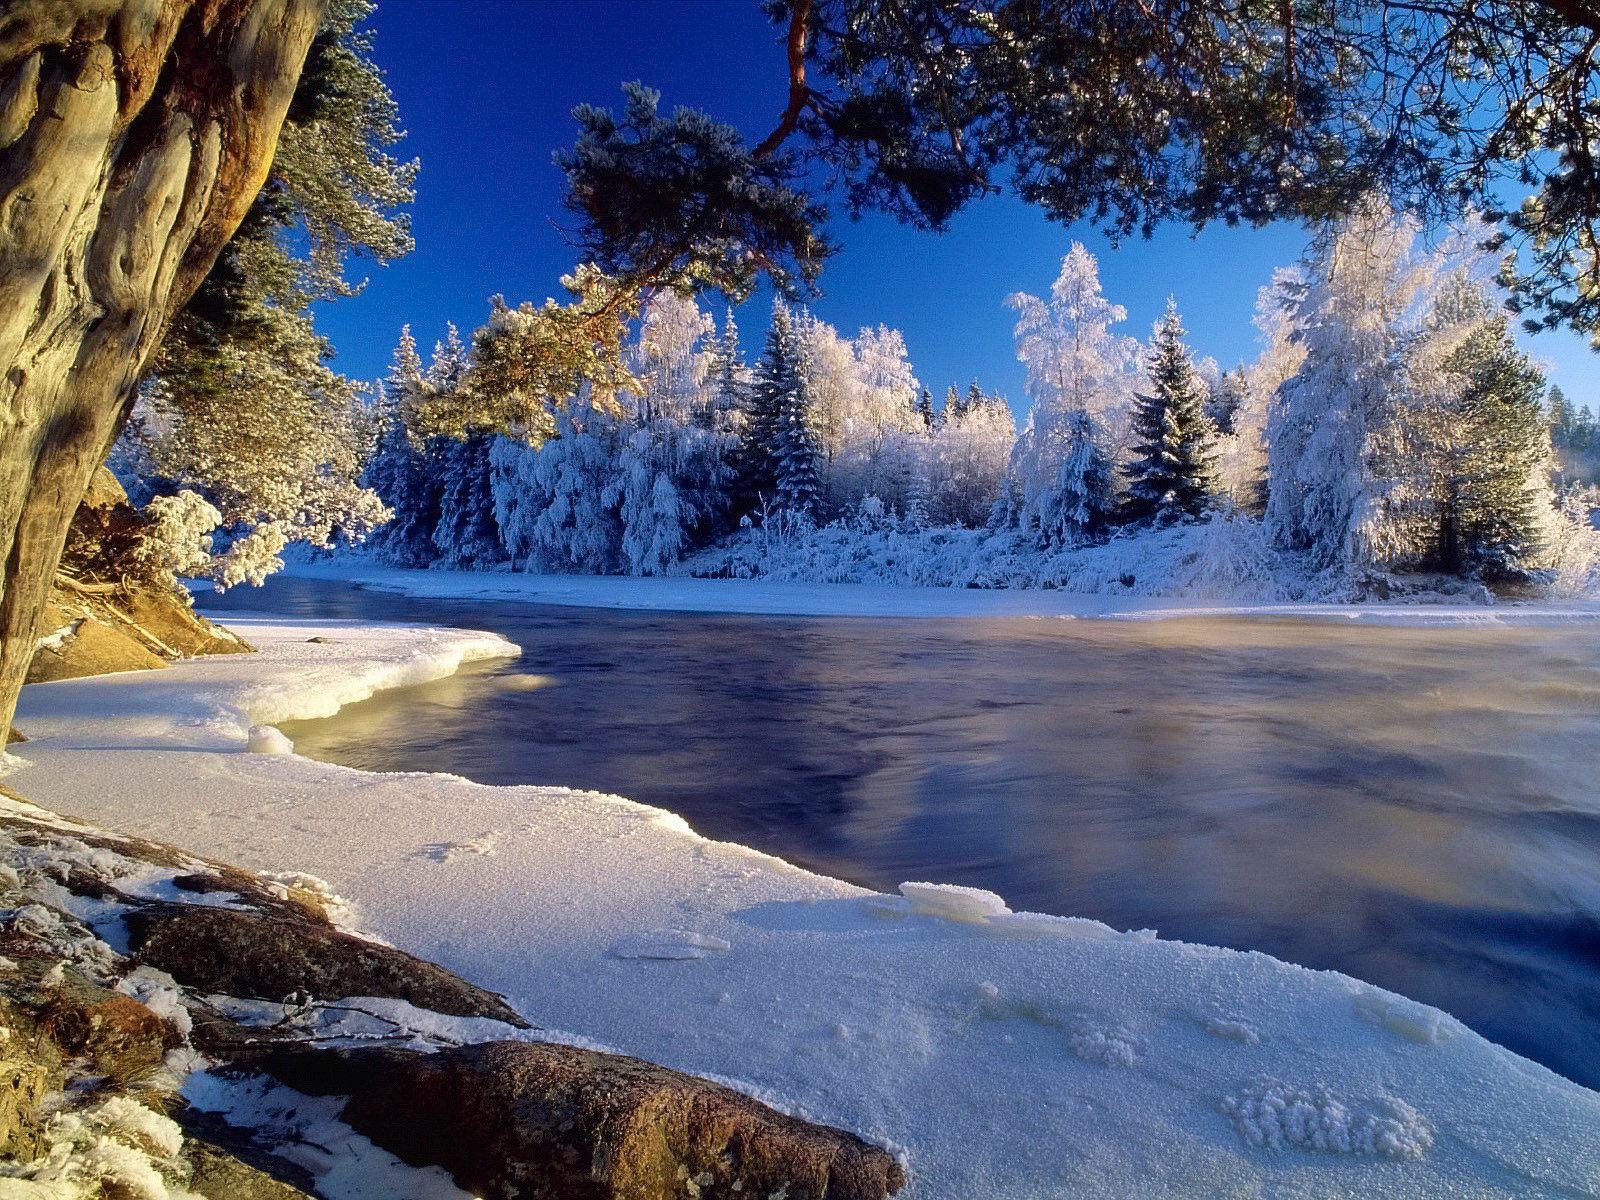 manzara kışın